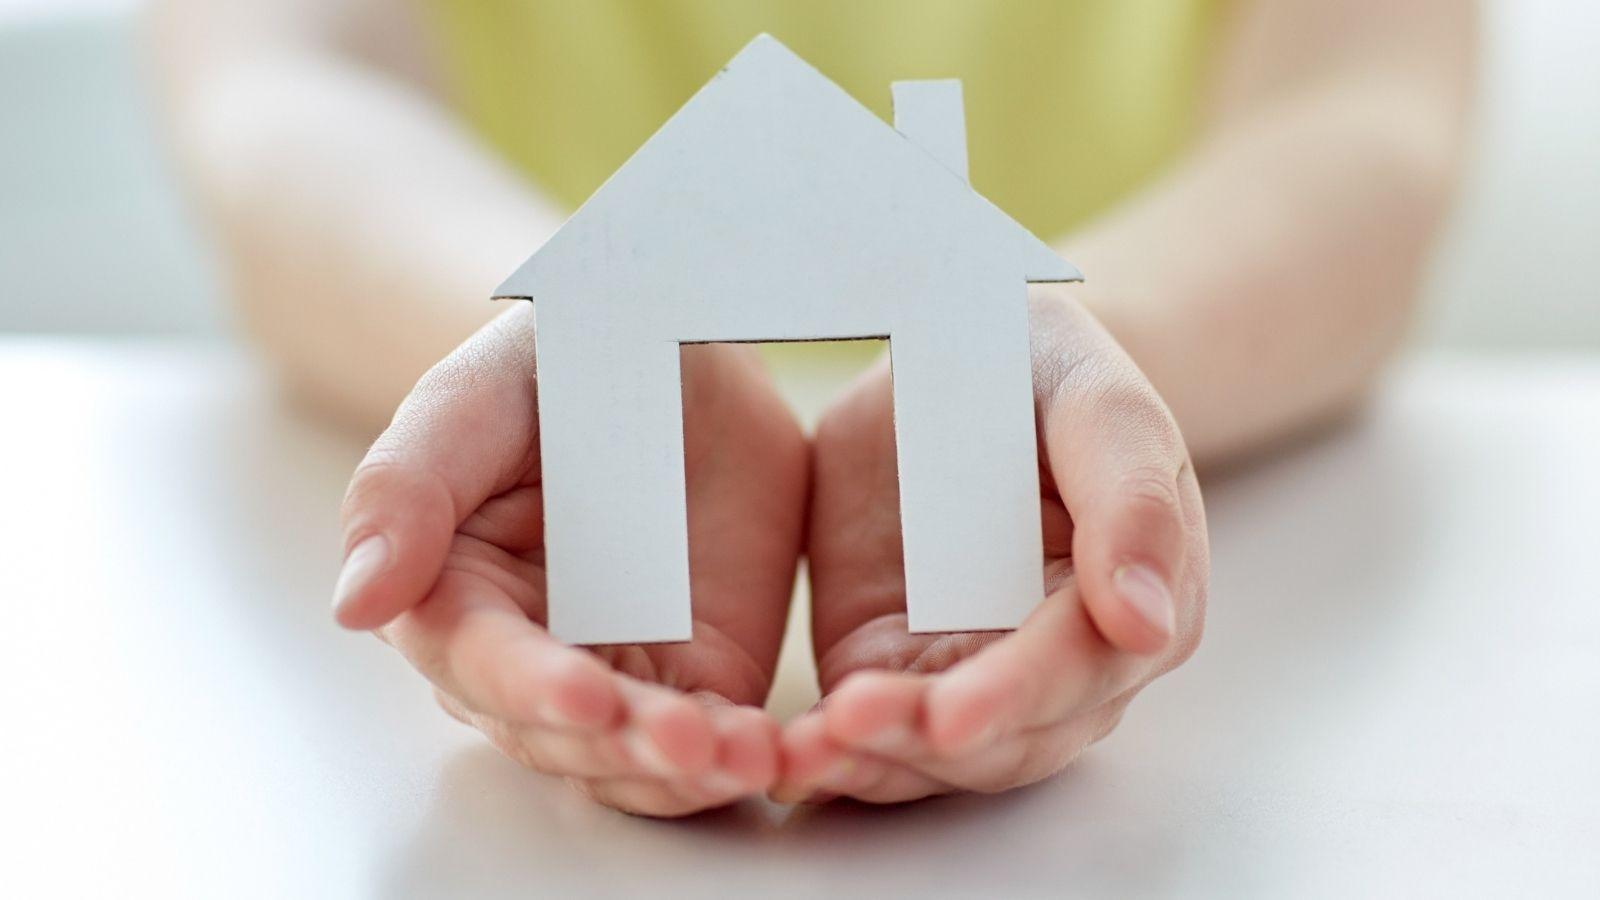 Κάτοικοι εξωτερικού μεταβολή φορολογικής κατοικίας